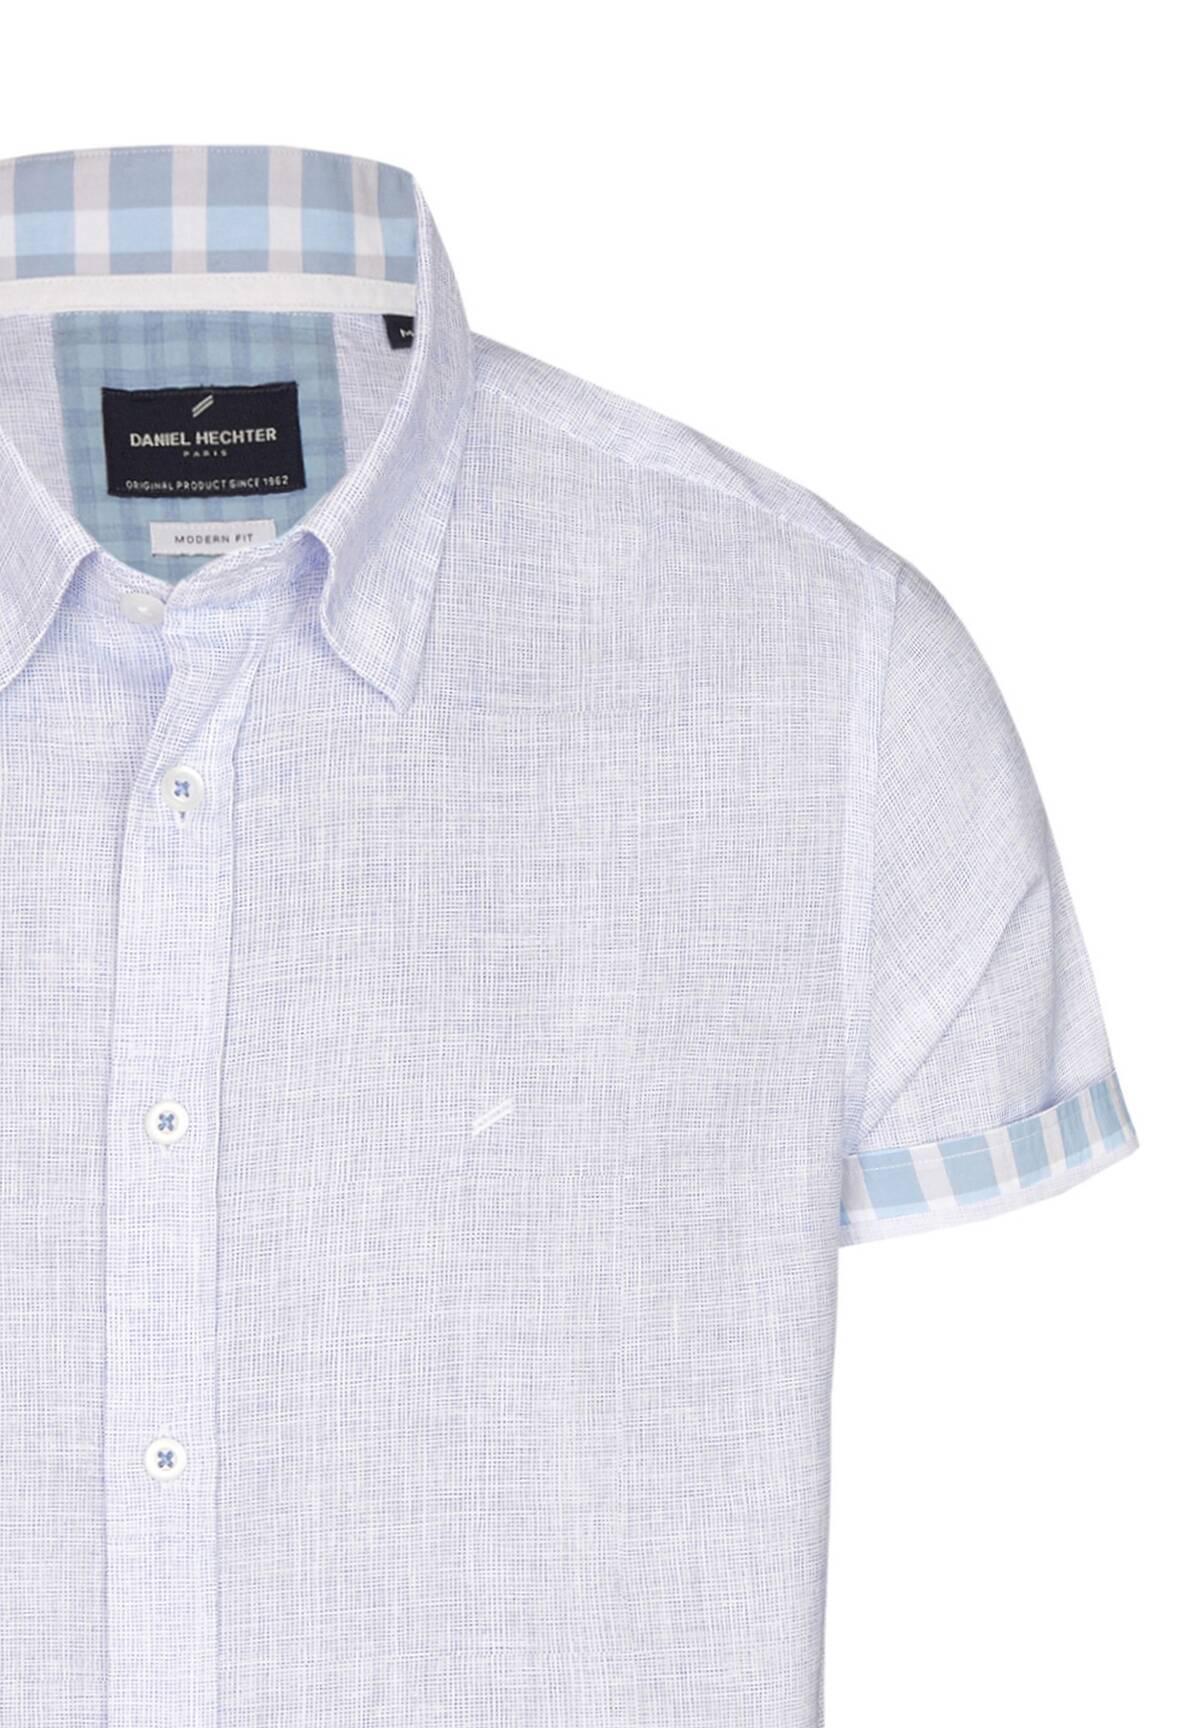 Sommerliches Freizeit Hemd / SHIRT MODERN FIT